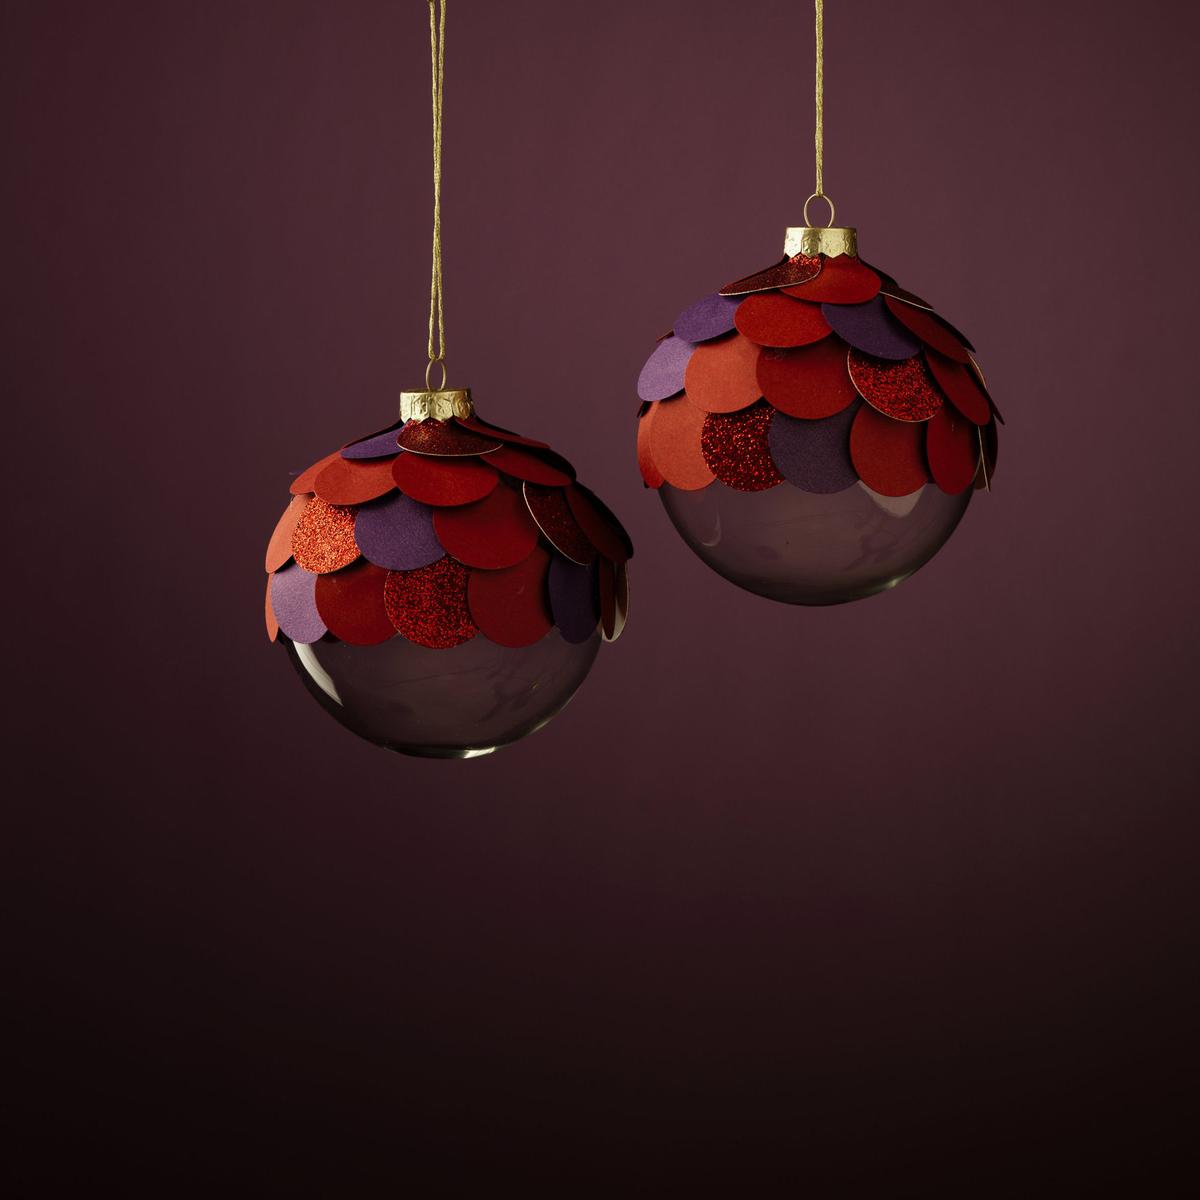 Kulekongler til jul